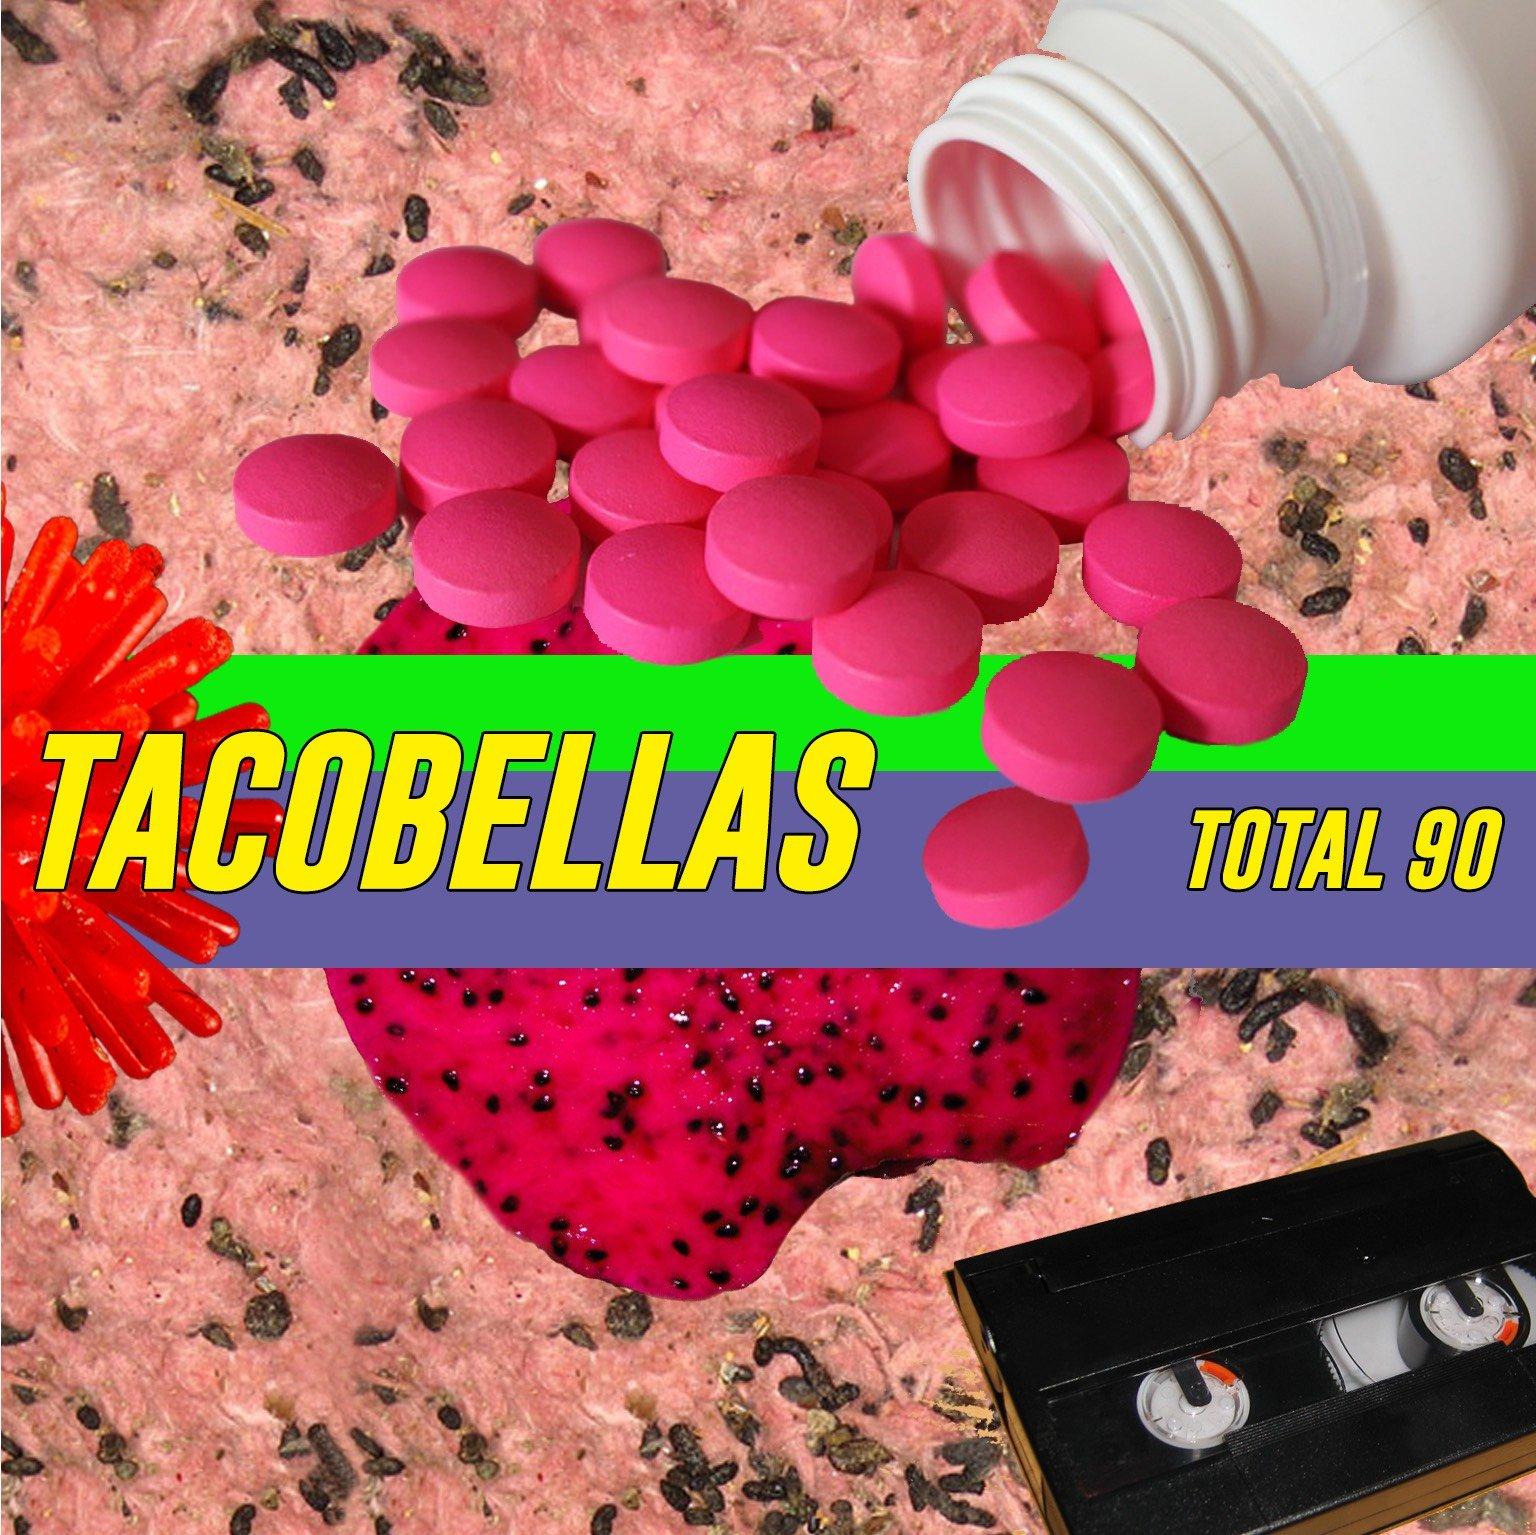 Risultati immagini per tacobellas total 90